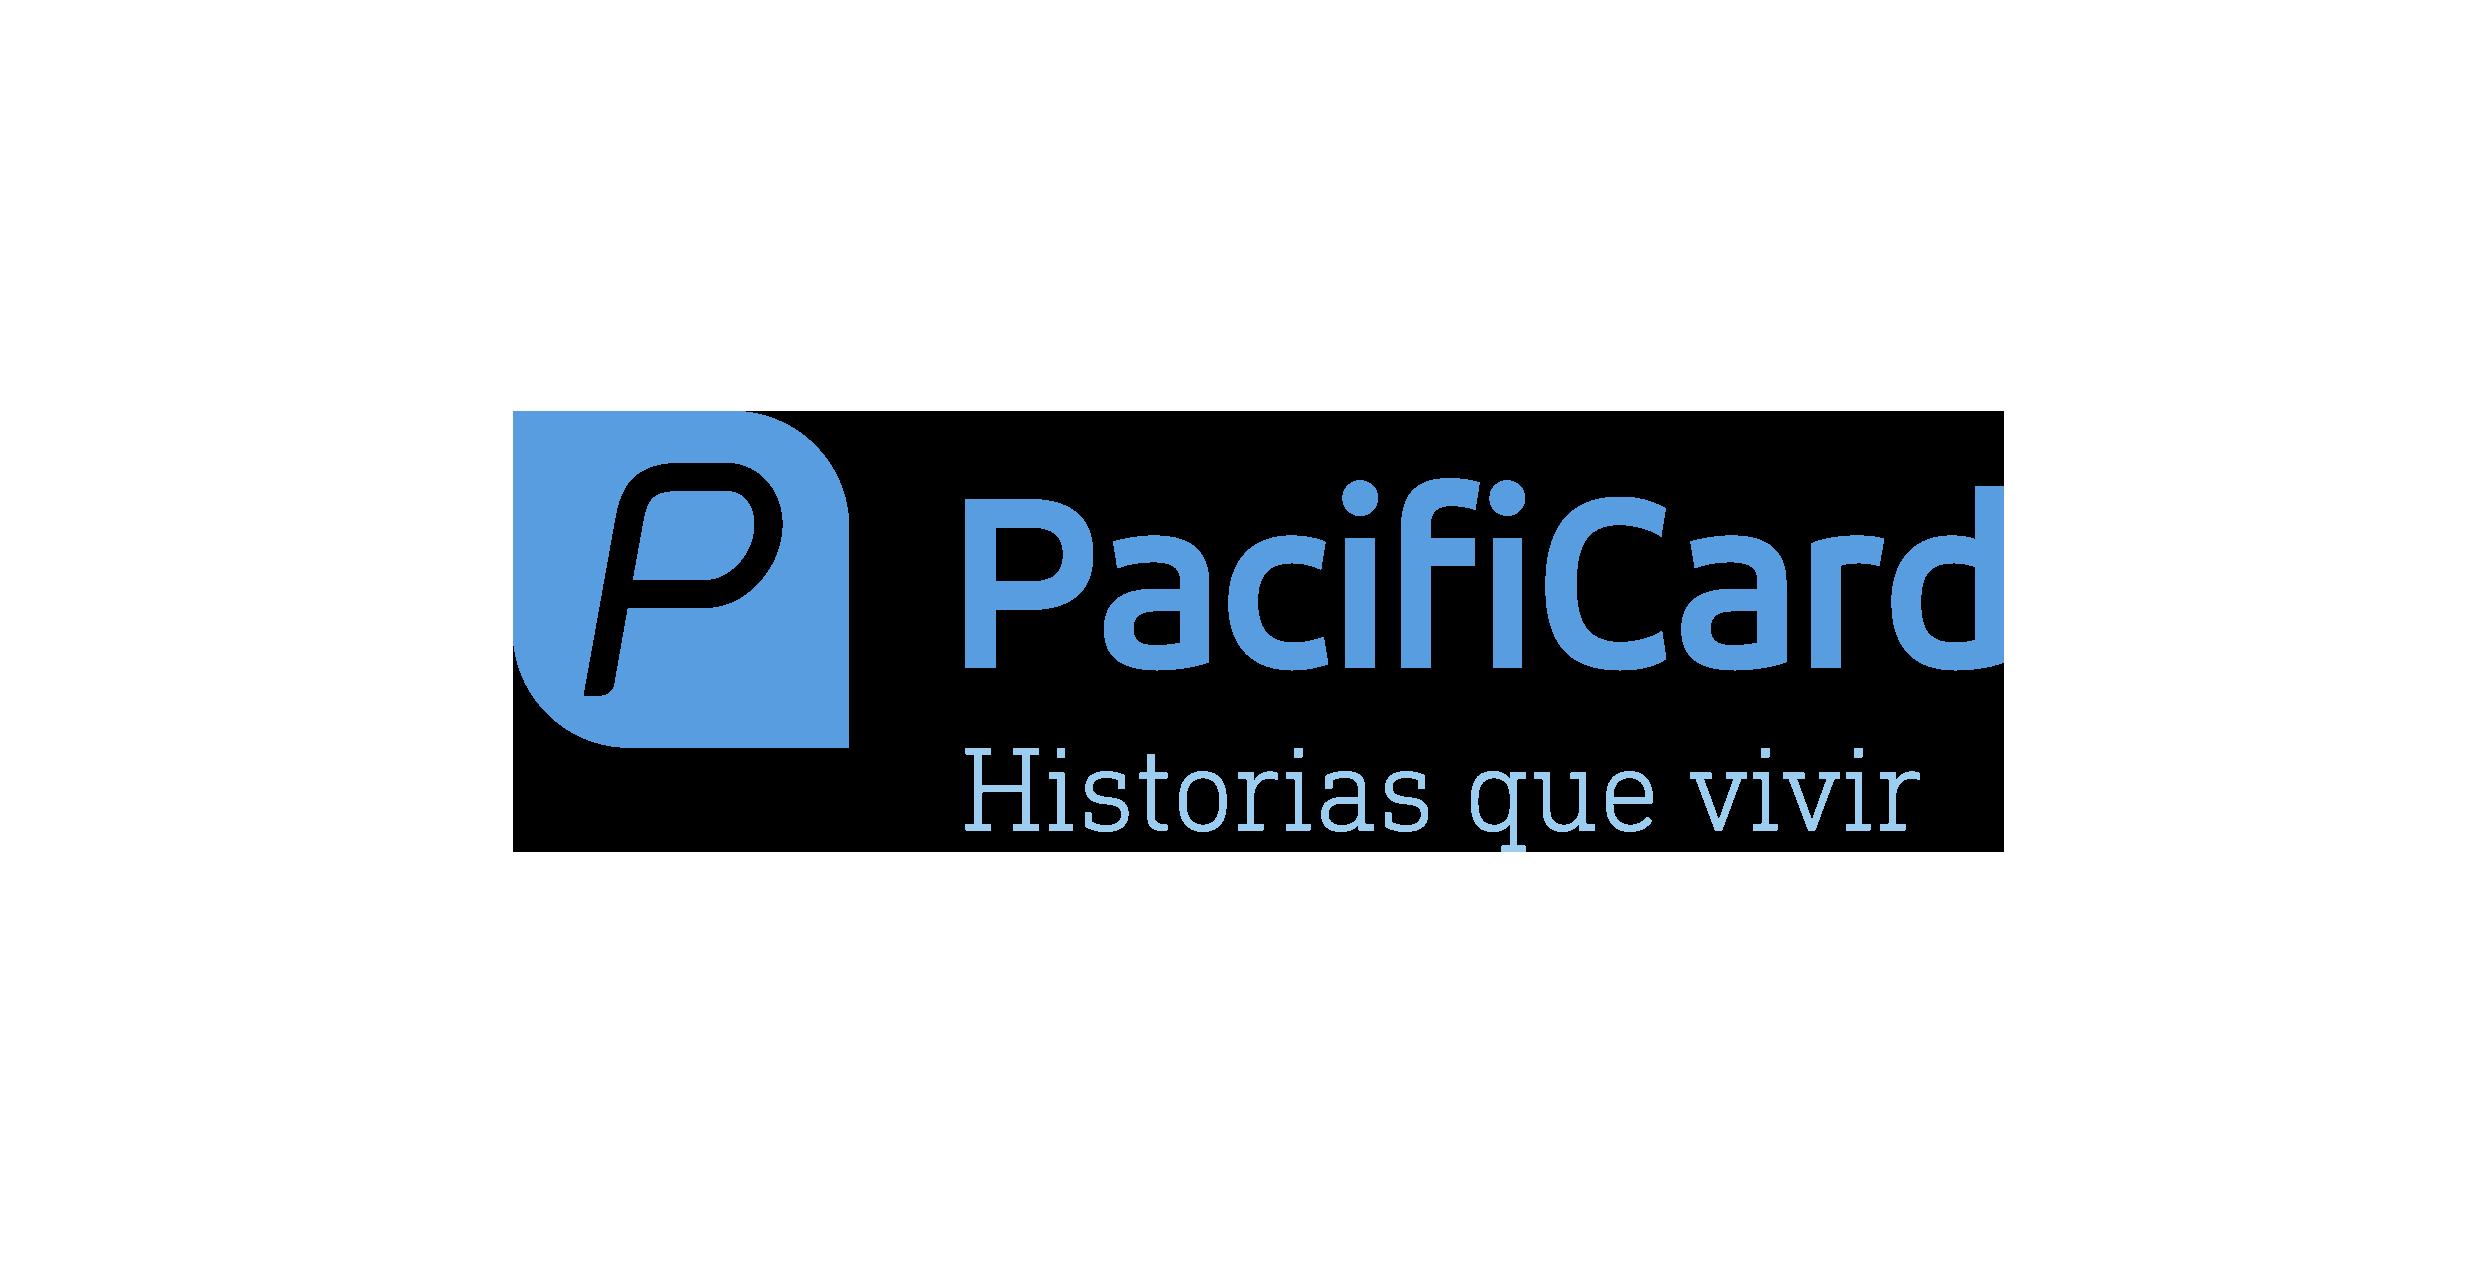 LOGO_BPAC_2